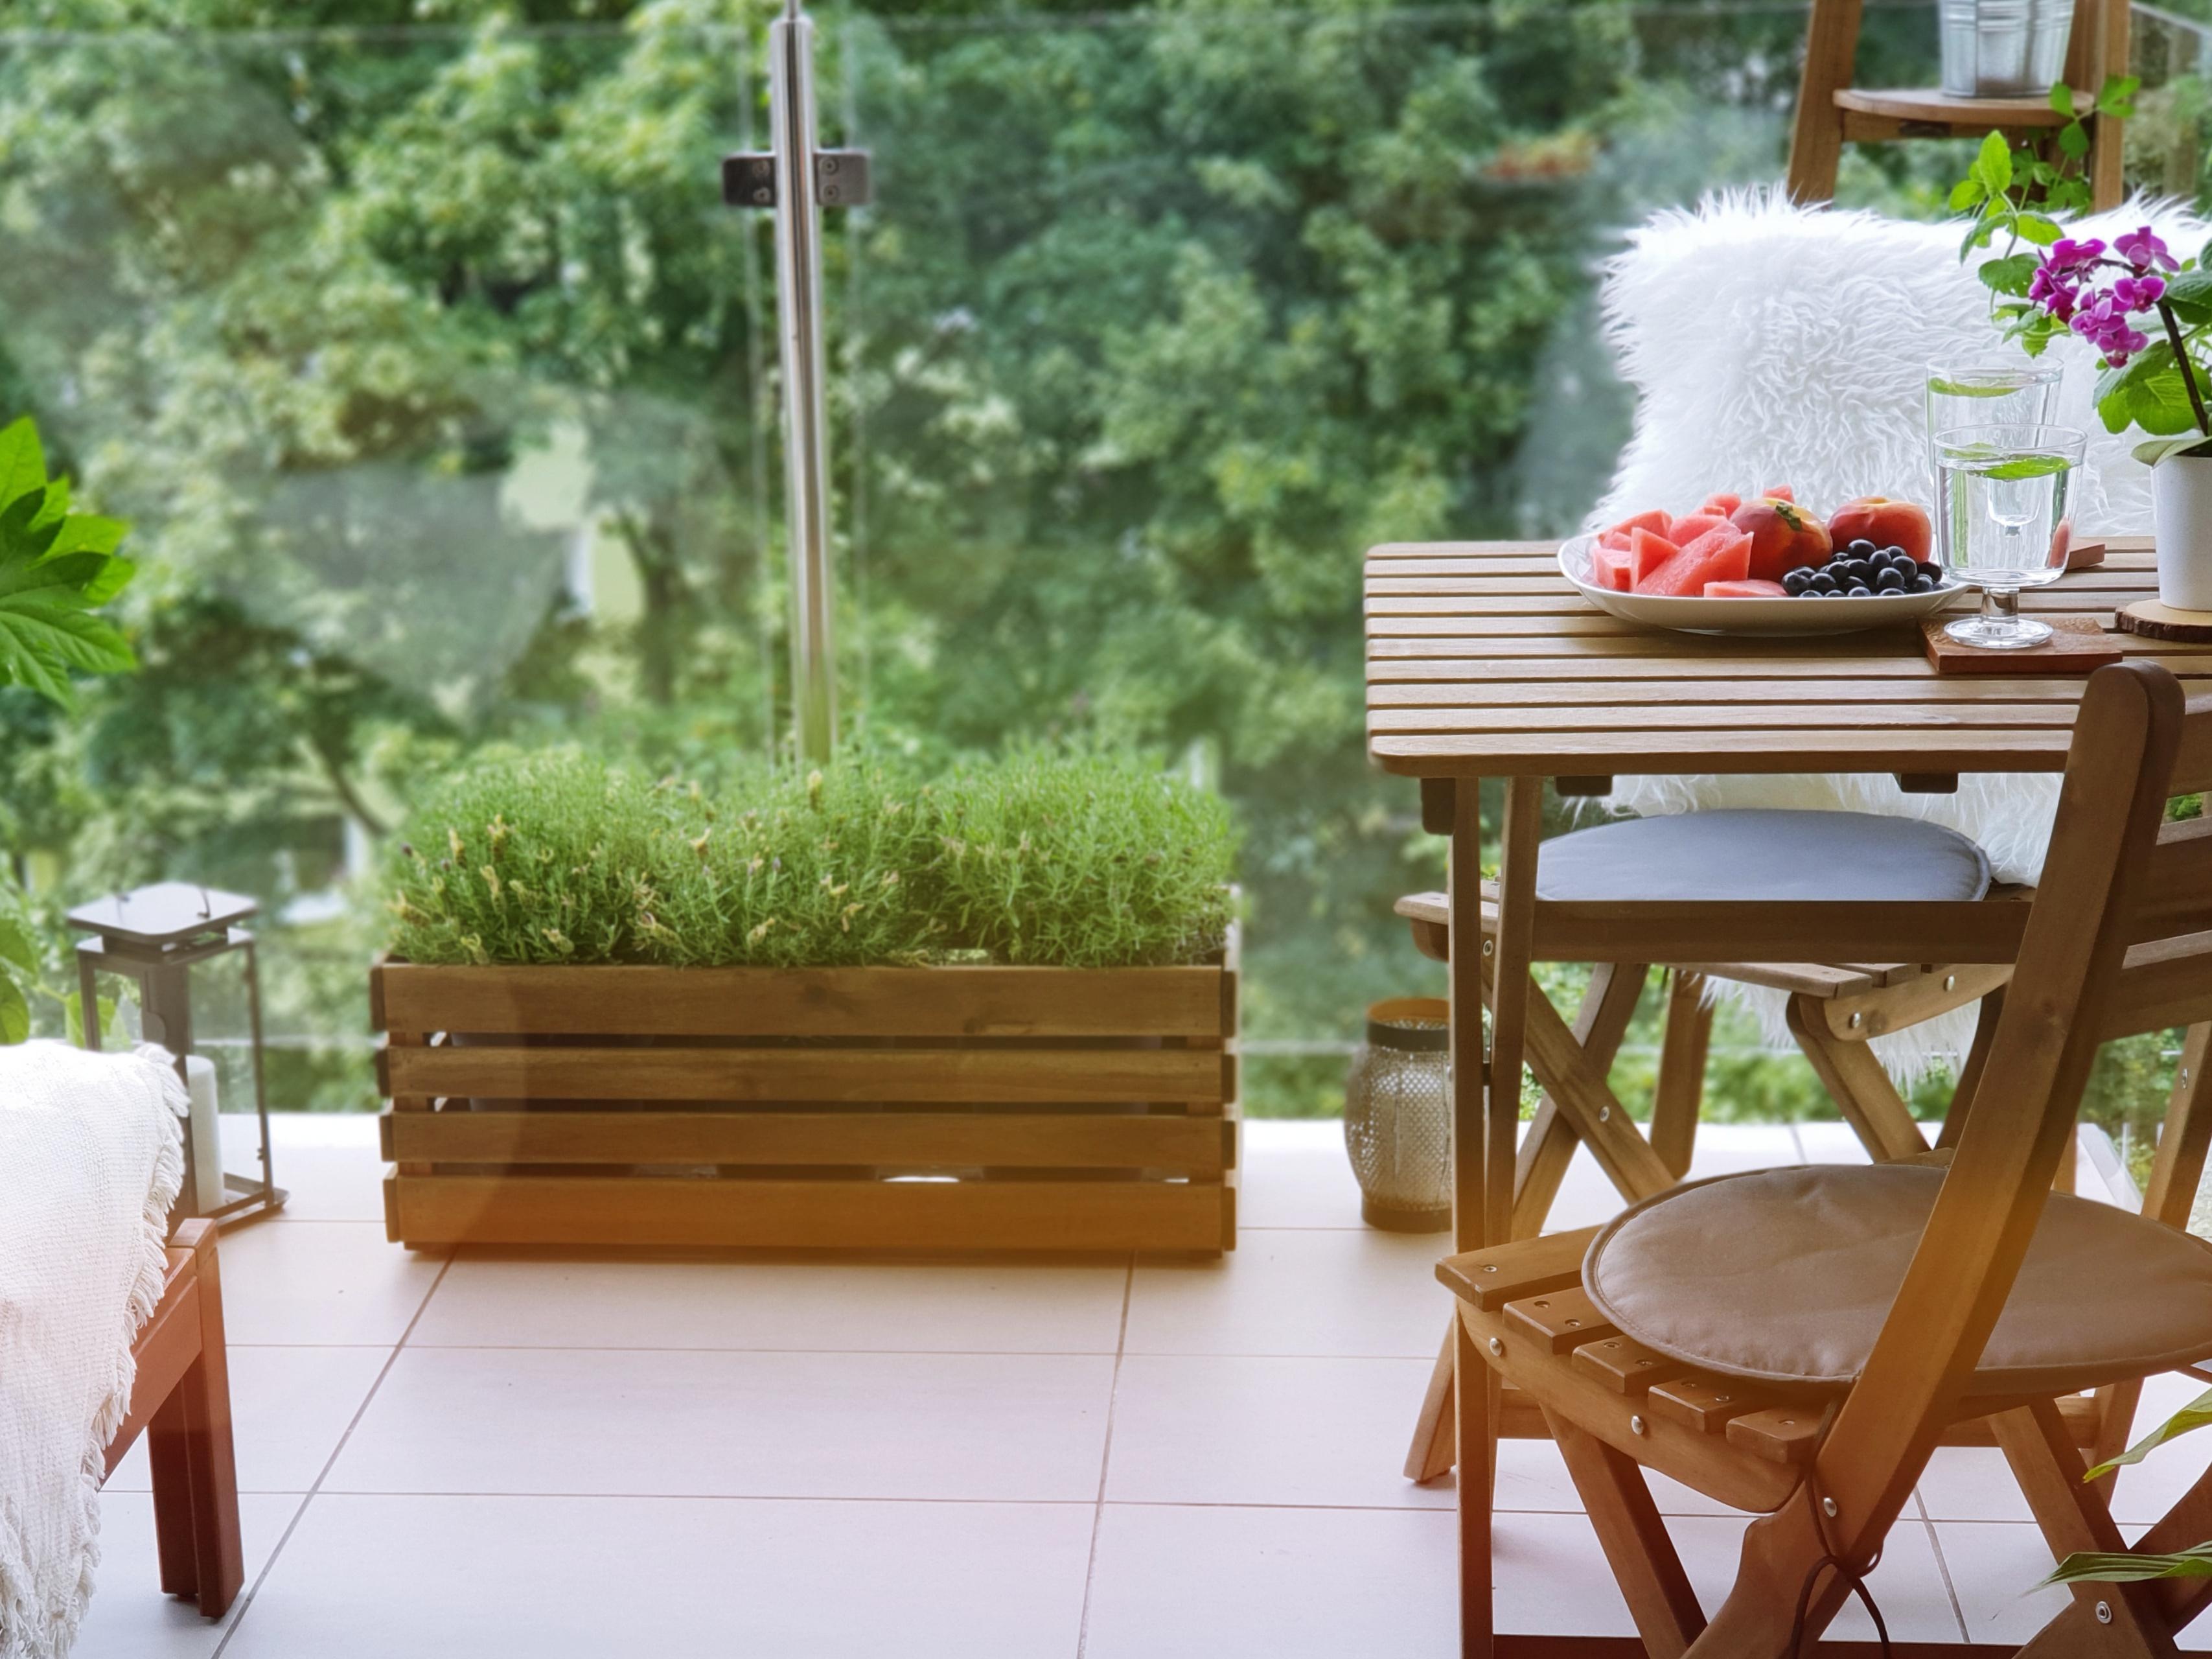 Jak Urządzić Balkon W Bloku Moja Strefa Relaksu Blog